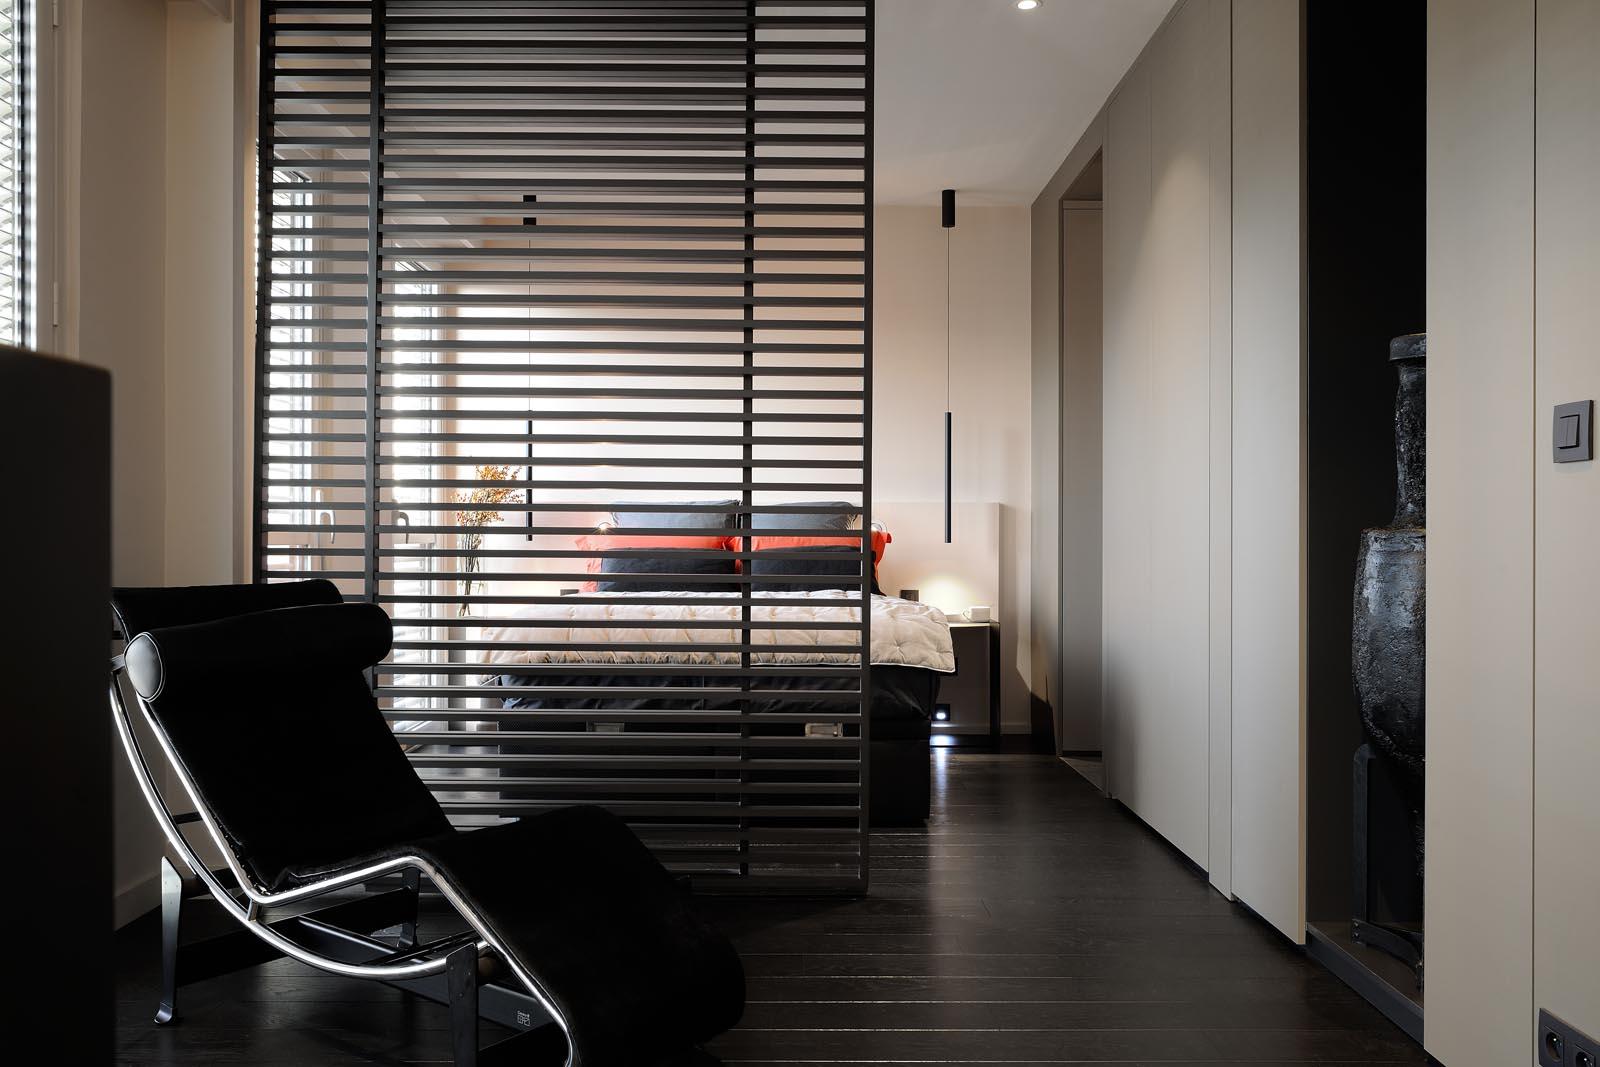 St-Antoine_Architecture-Interieur_VADOT_08